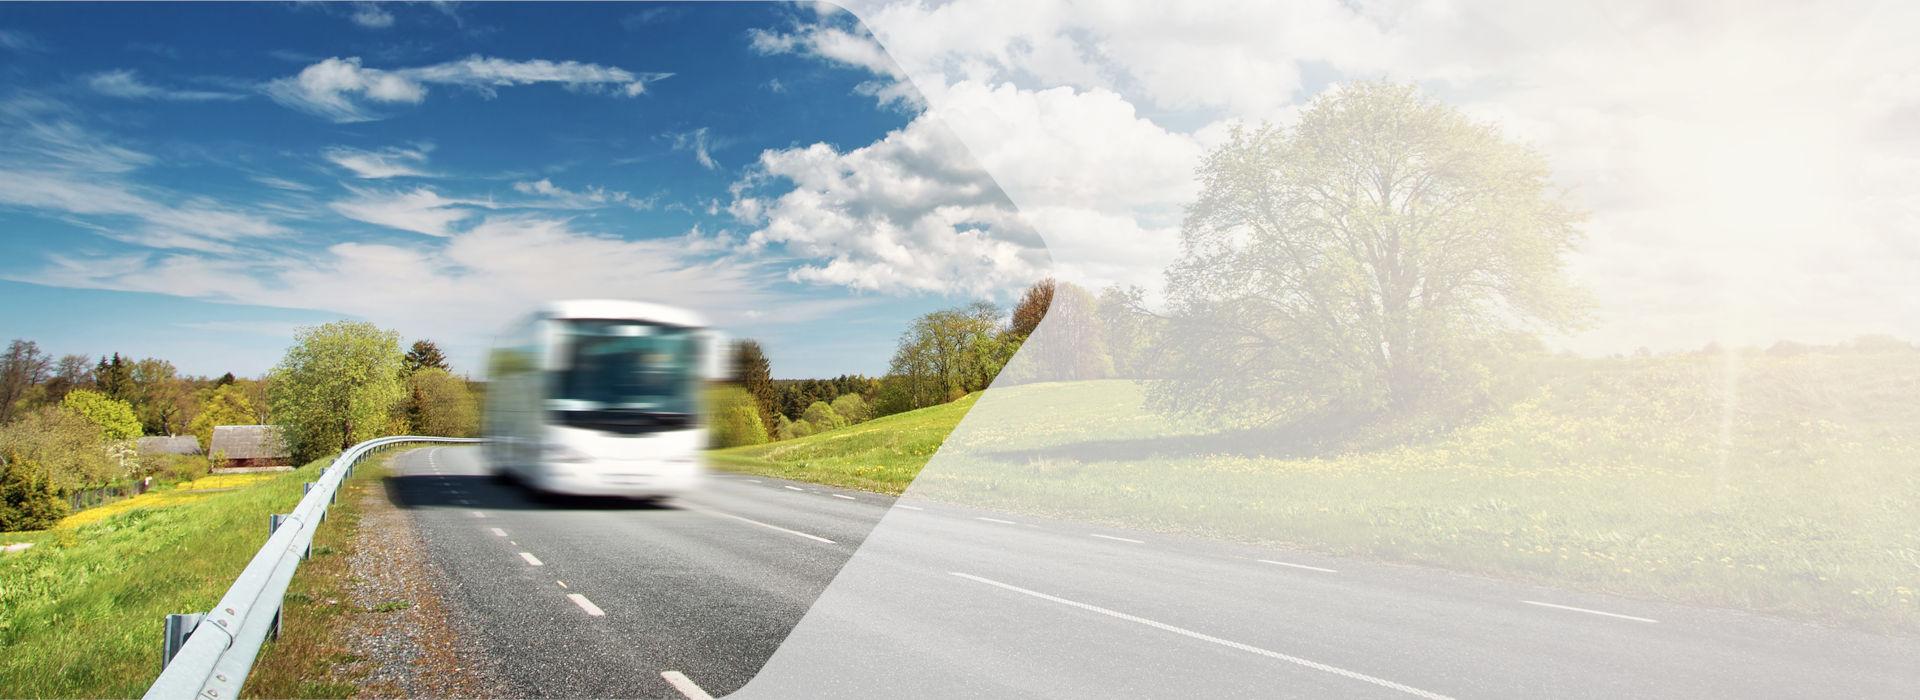 Effizientes und sicheres Fahren